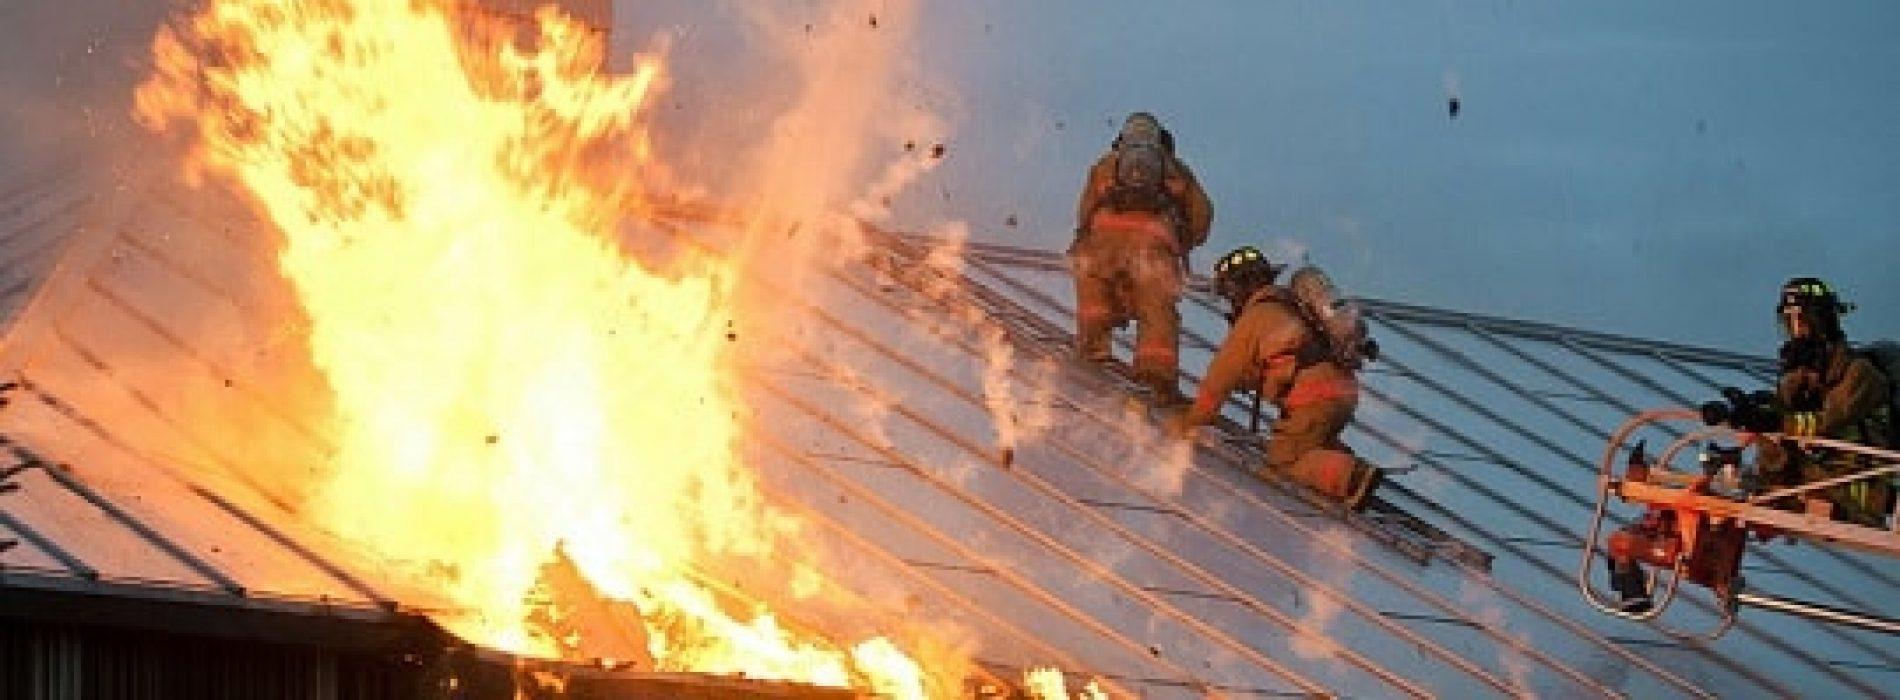 Slik gjennomfører du brannøvelse hjemme